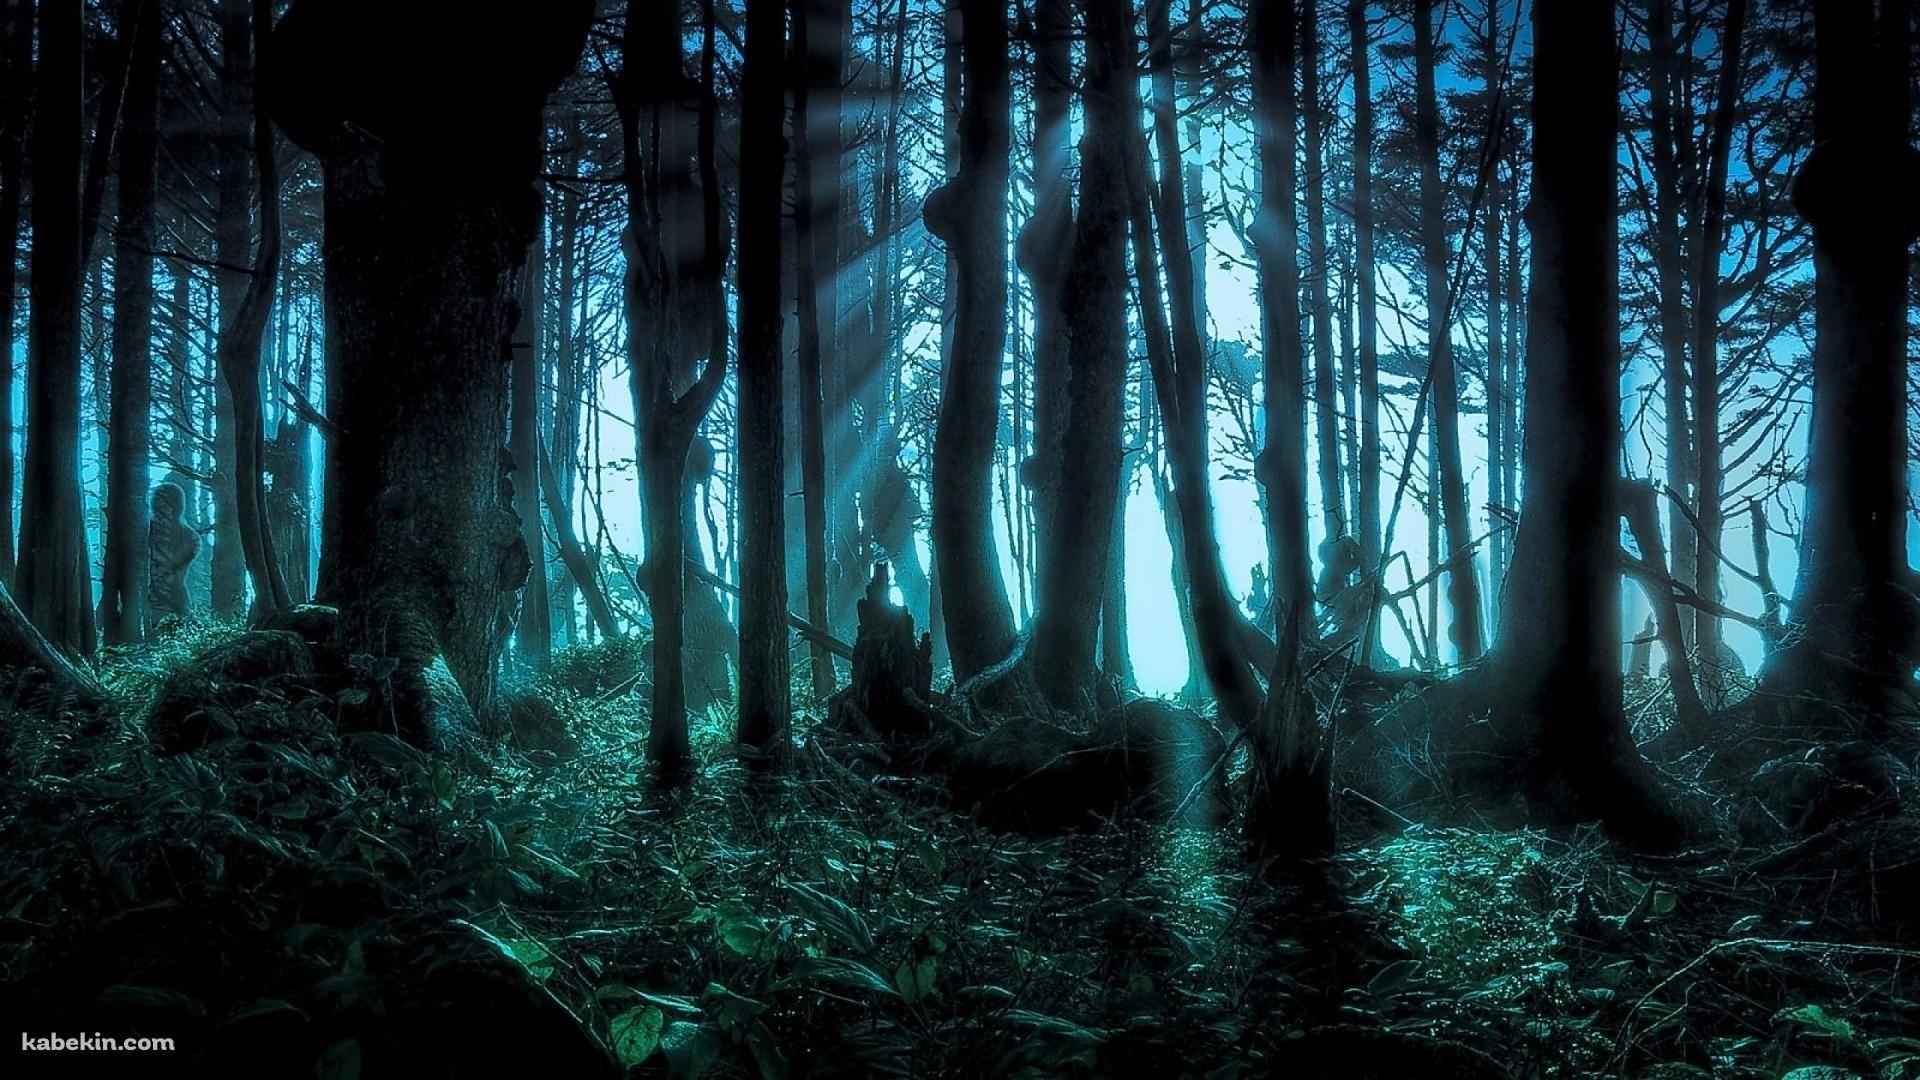 ほの暗い森 1920 X 1080 の壁紙 壁紙キングダム Pc デスクトップ版